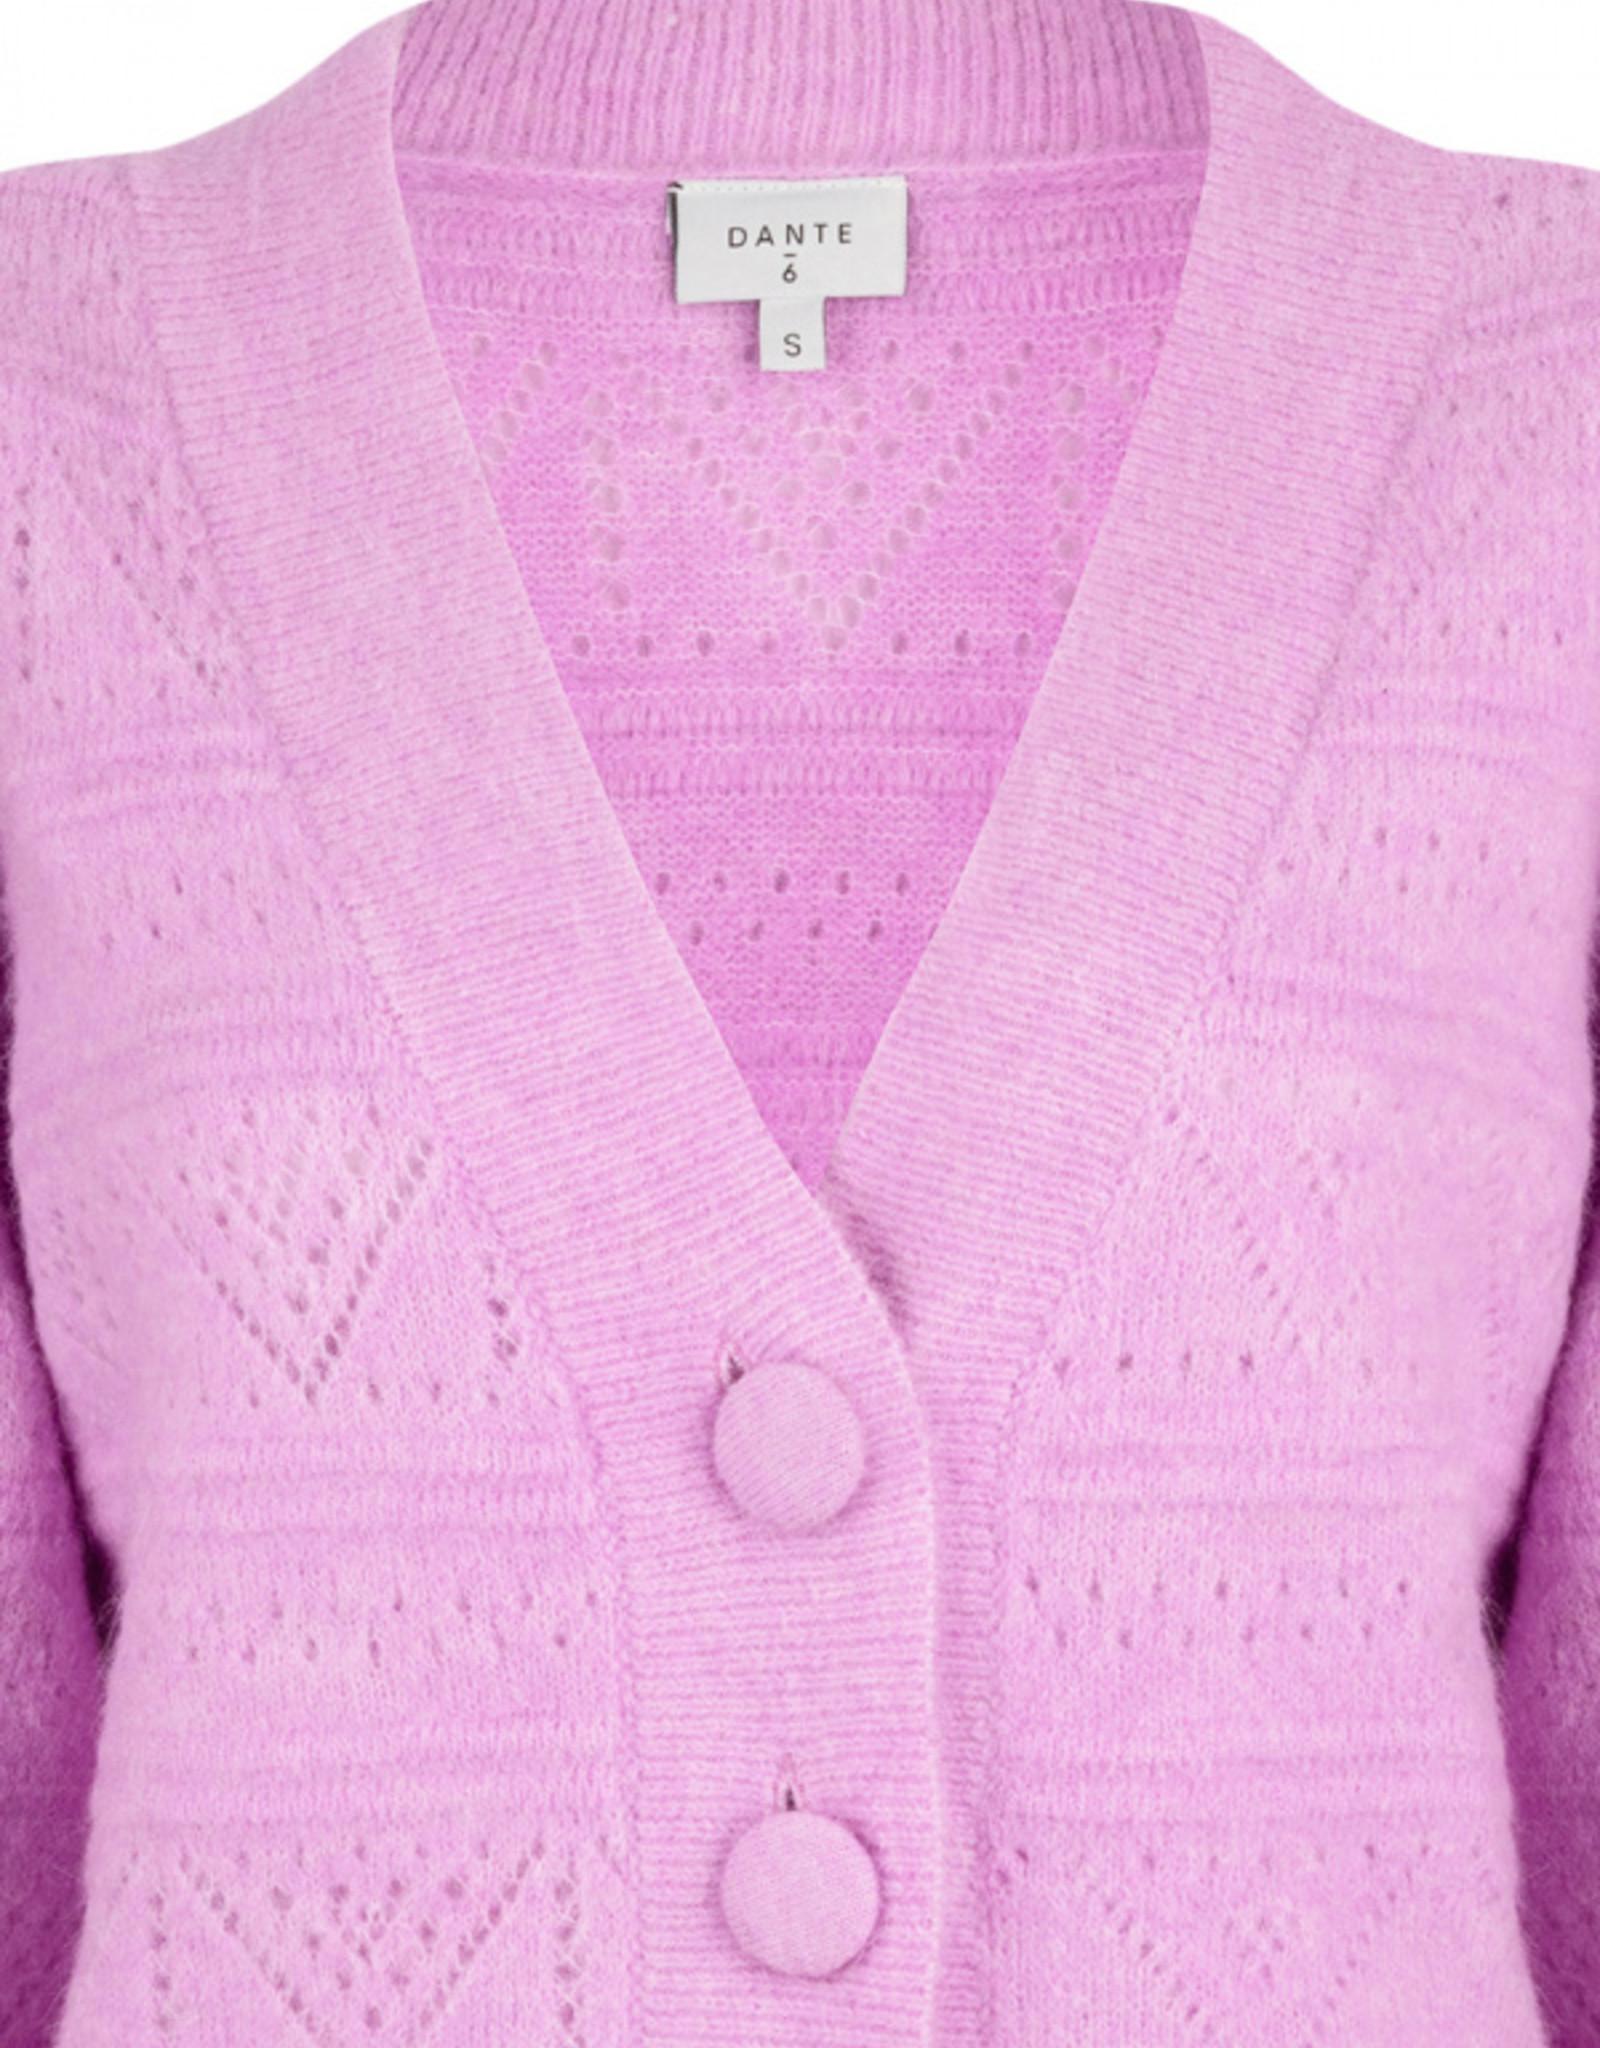 Dante6 Kaileen ajour cardigan Pastel Pink